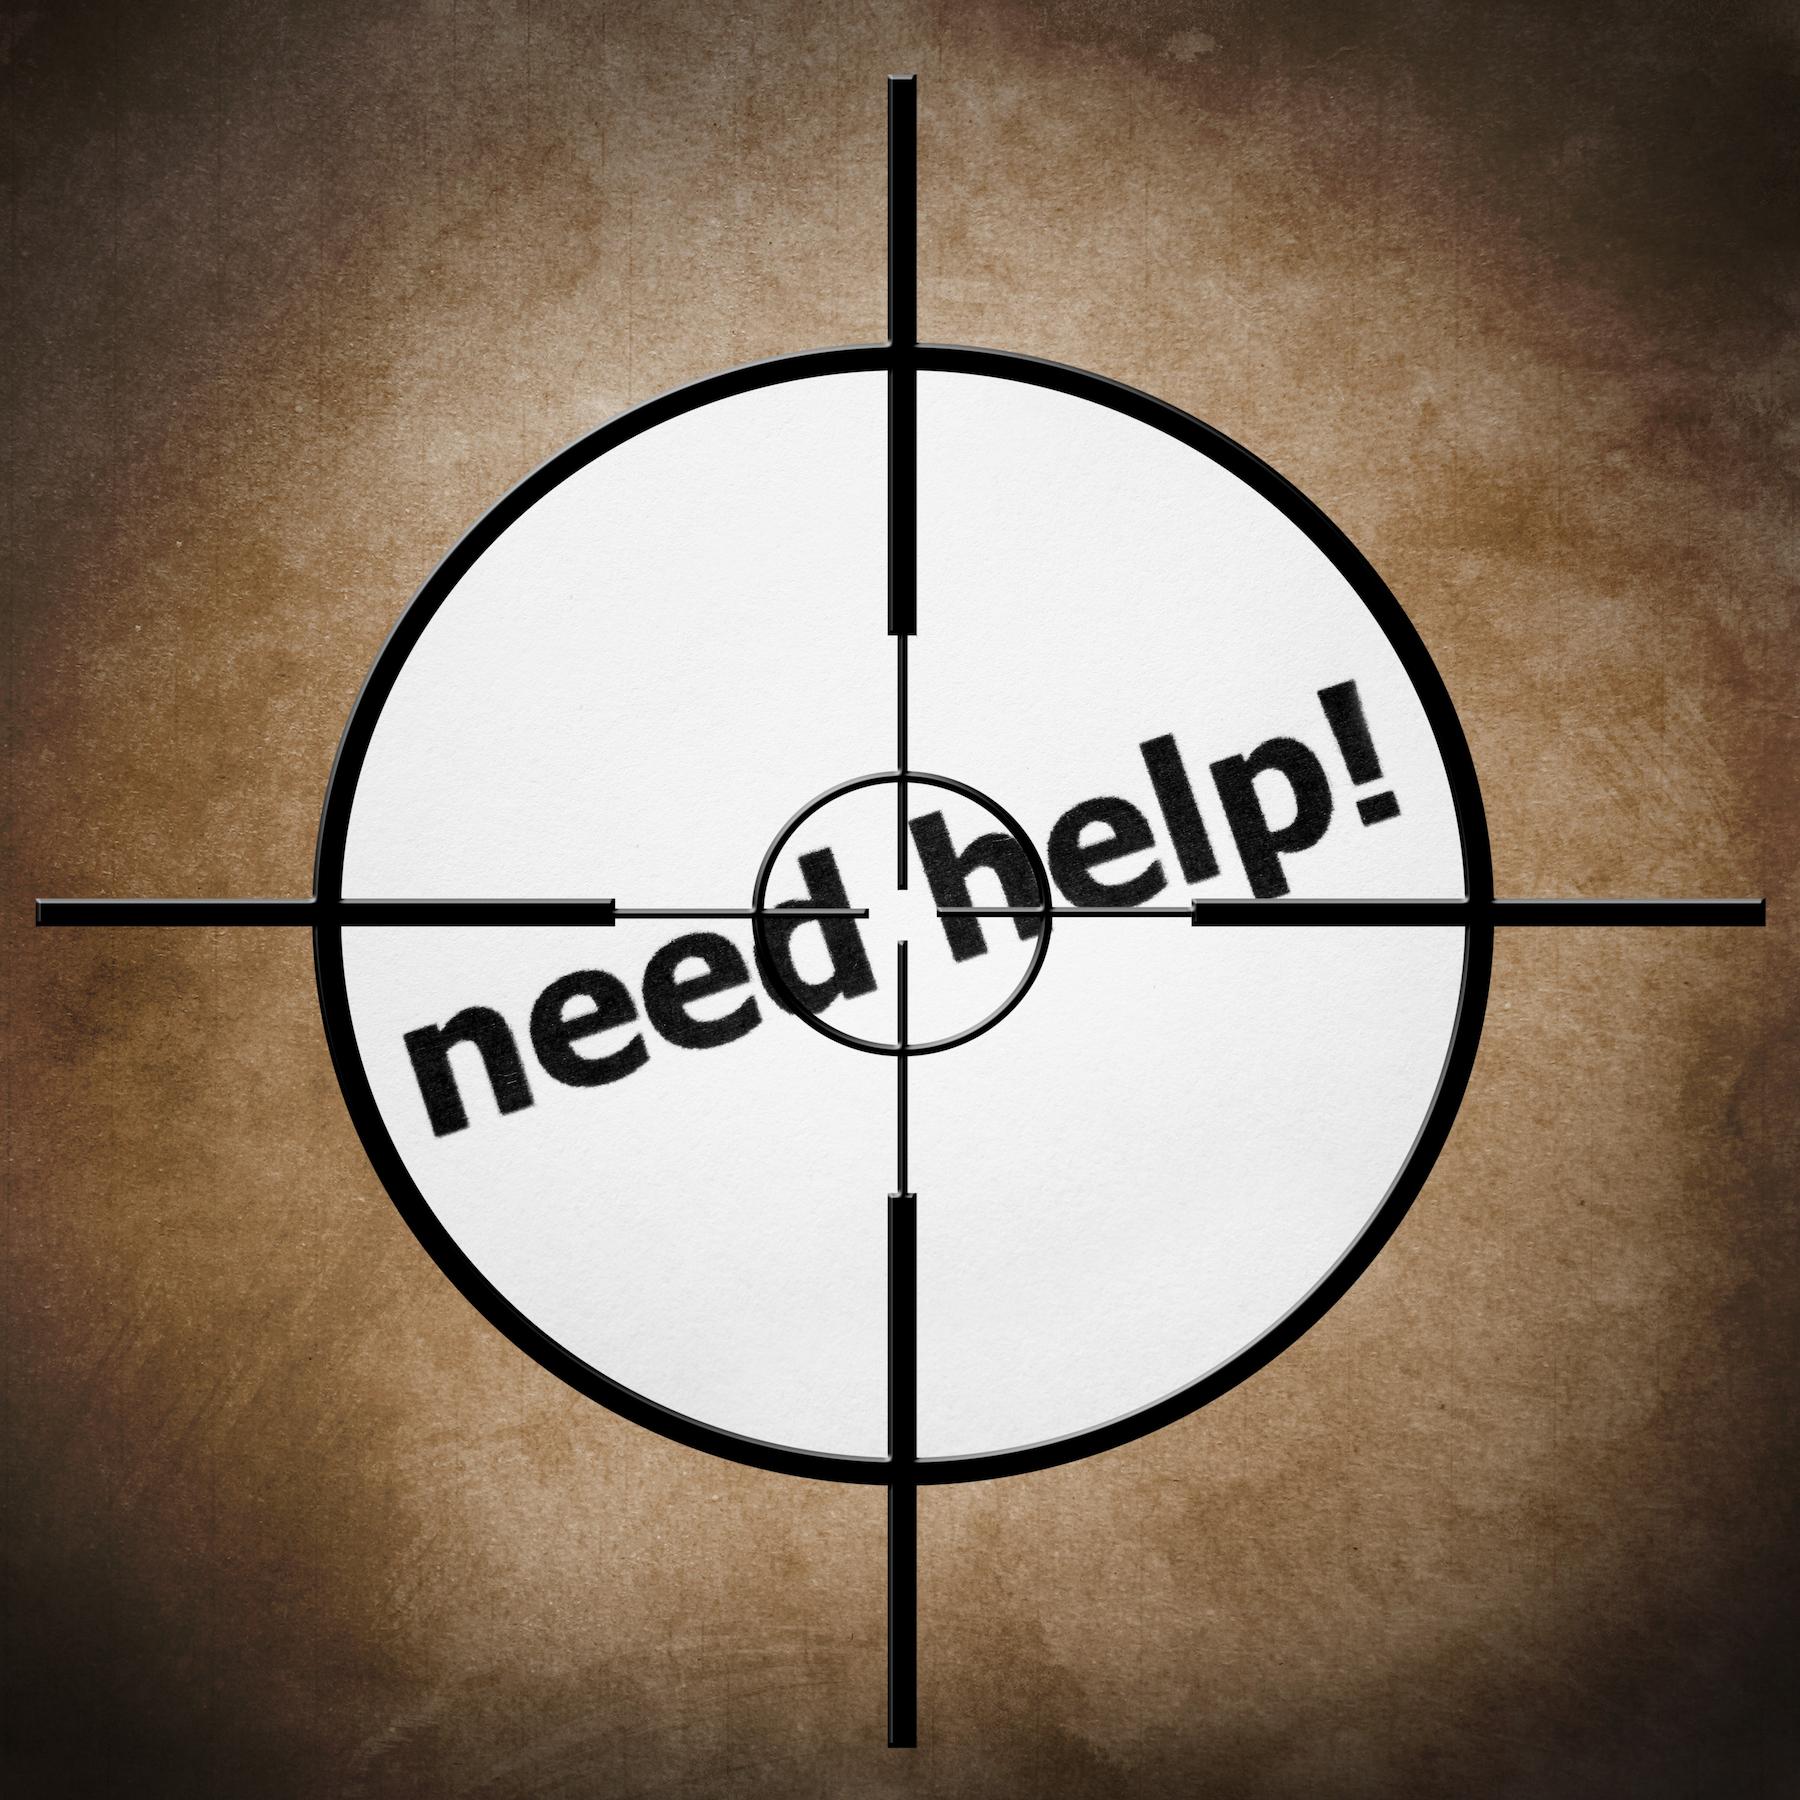 need-help-target_f10608vu